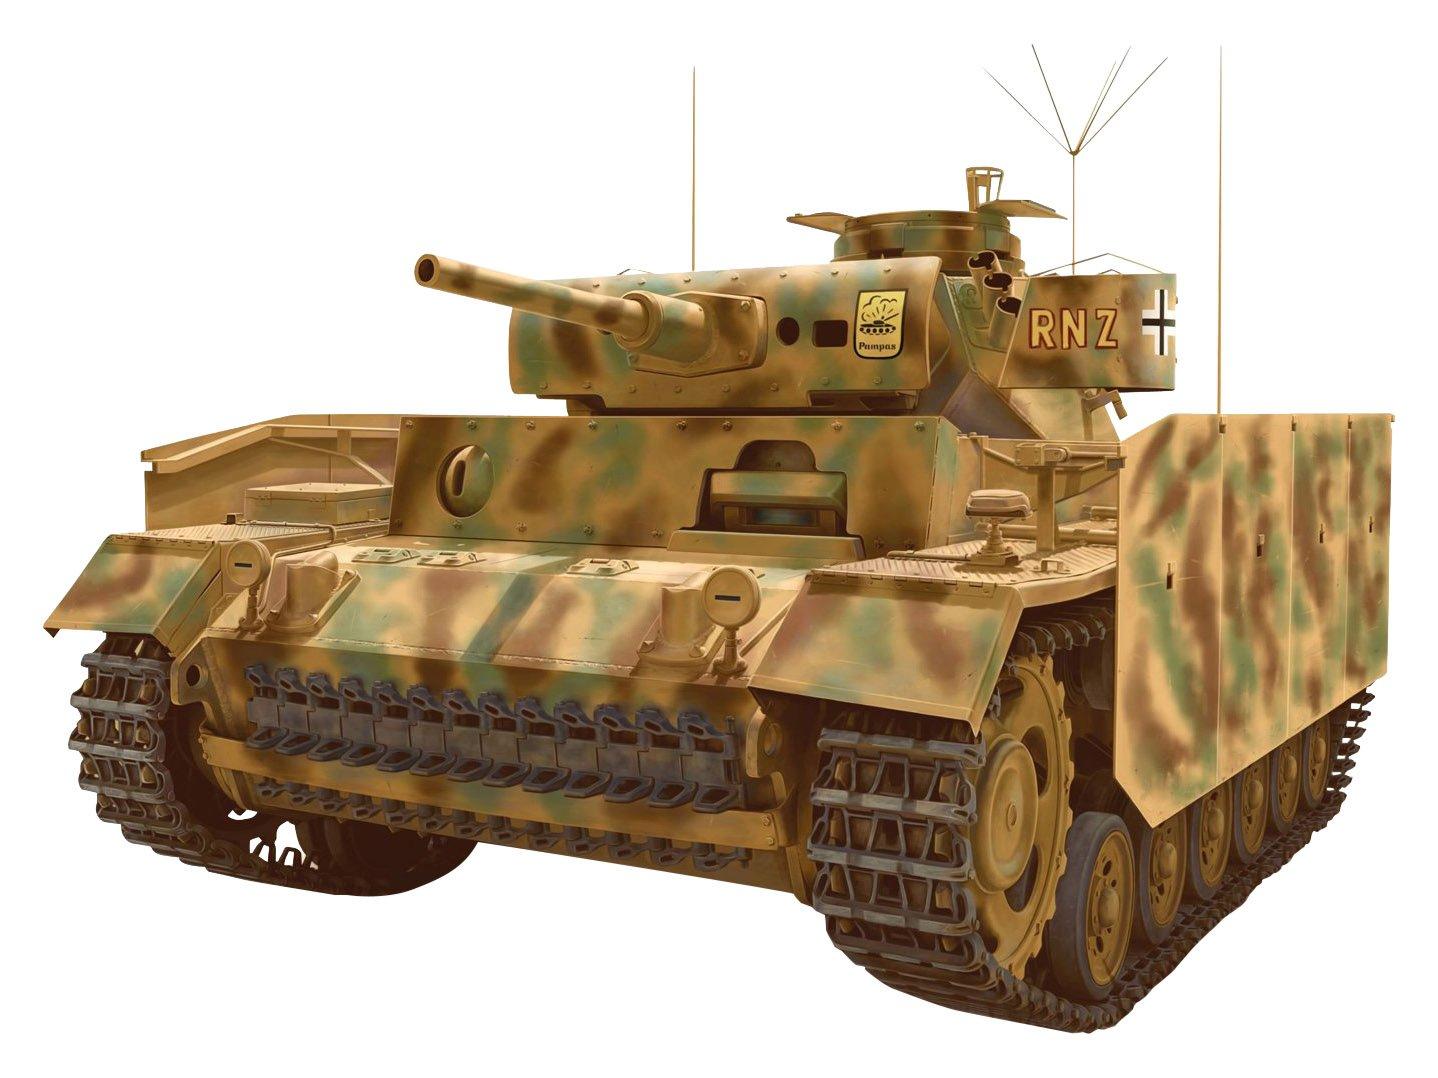 Dragon 500776570 - 1:35 Panzerbefehlswagen III Ausführung J mit Schürzen